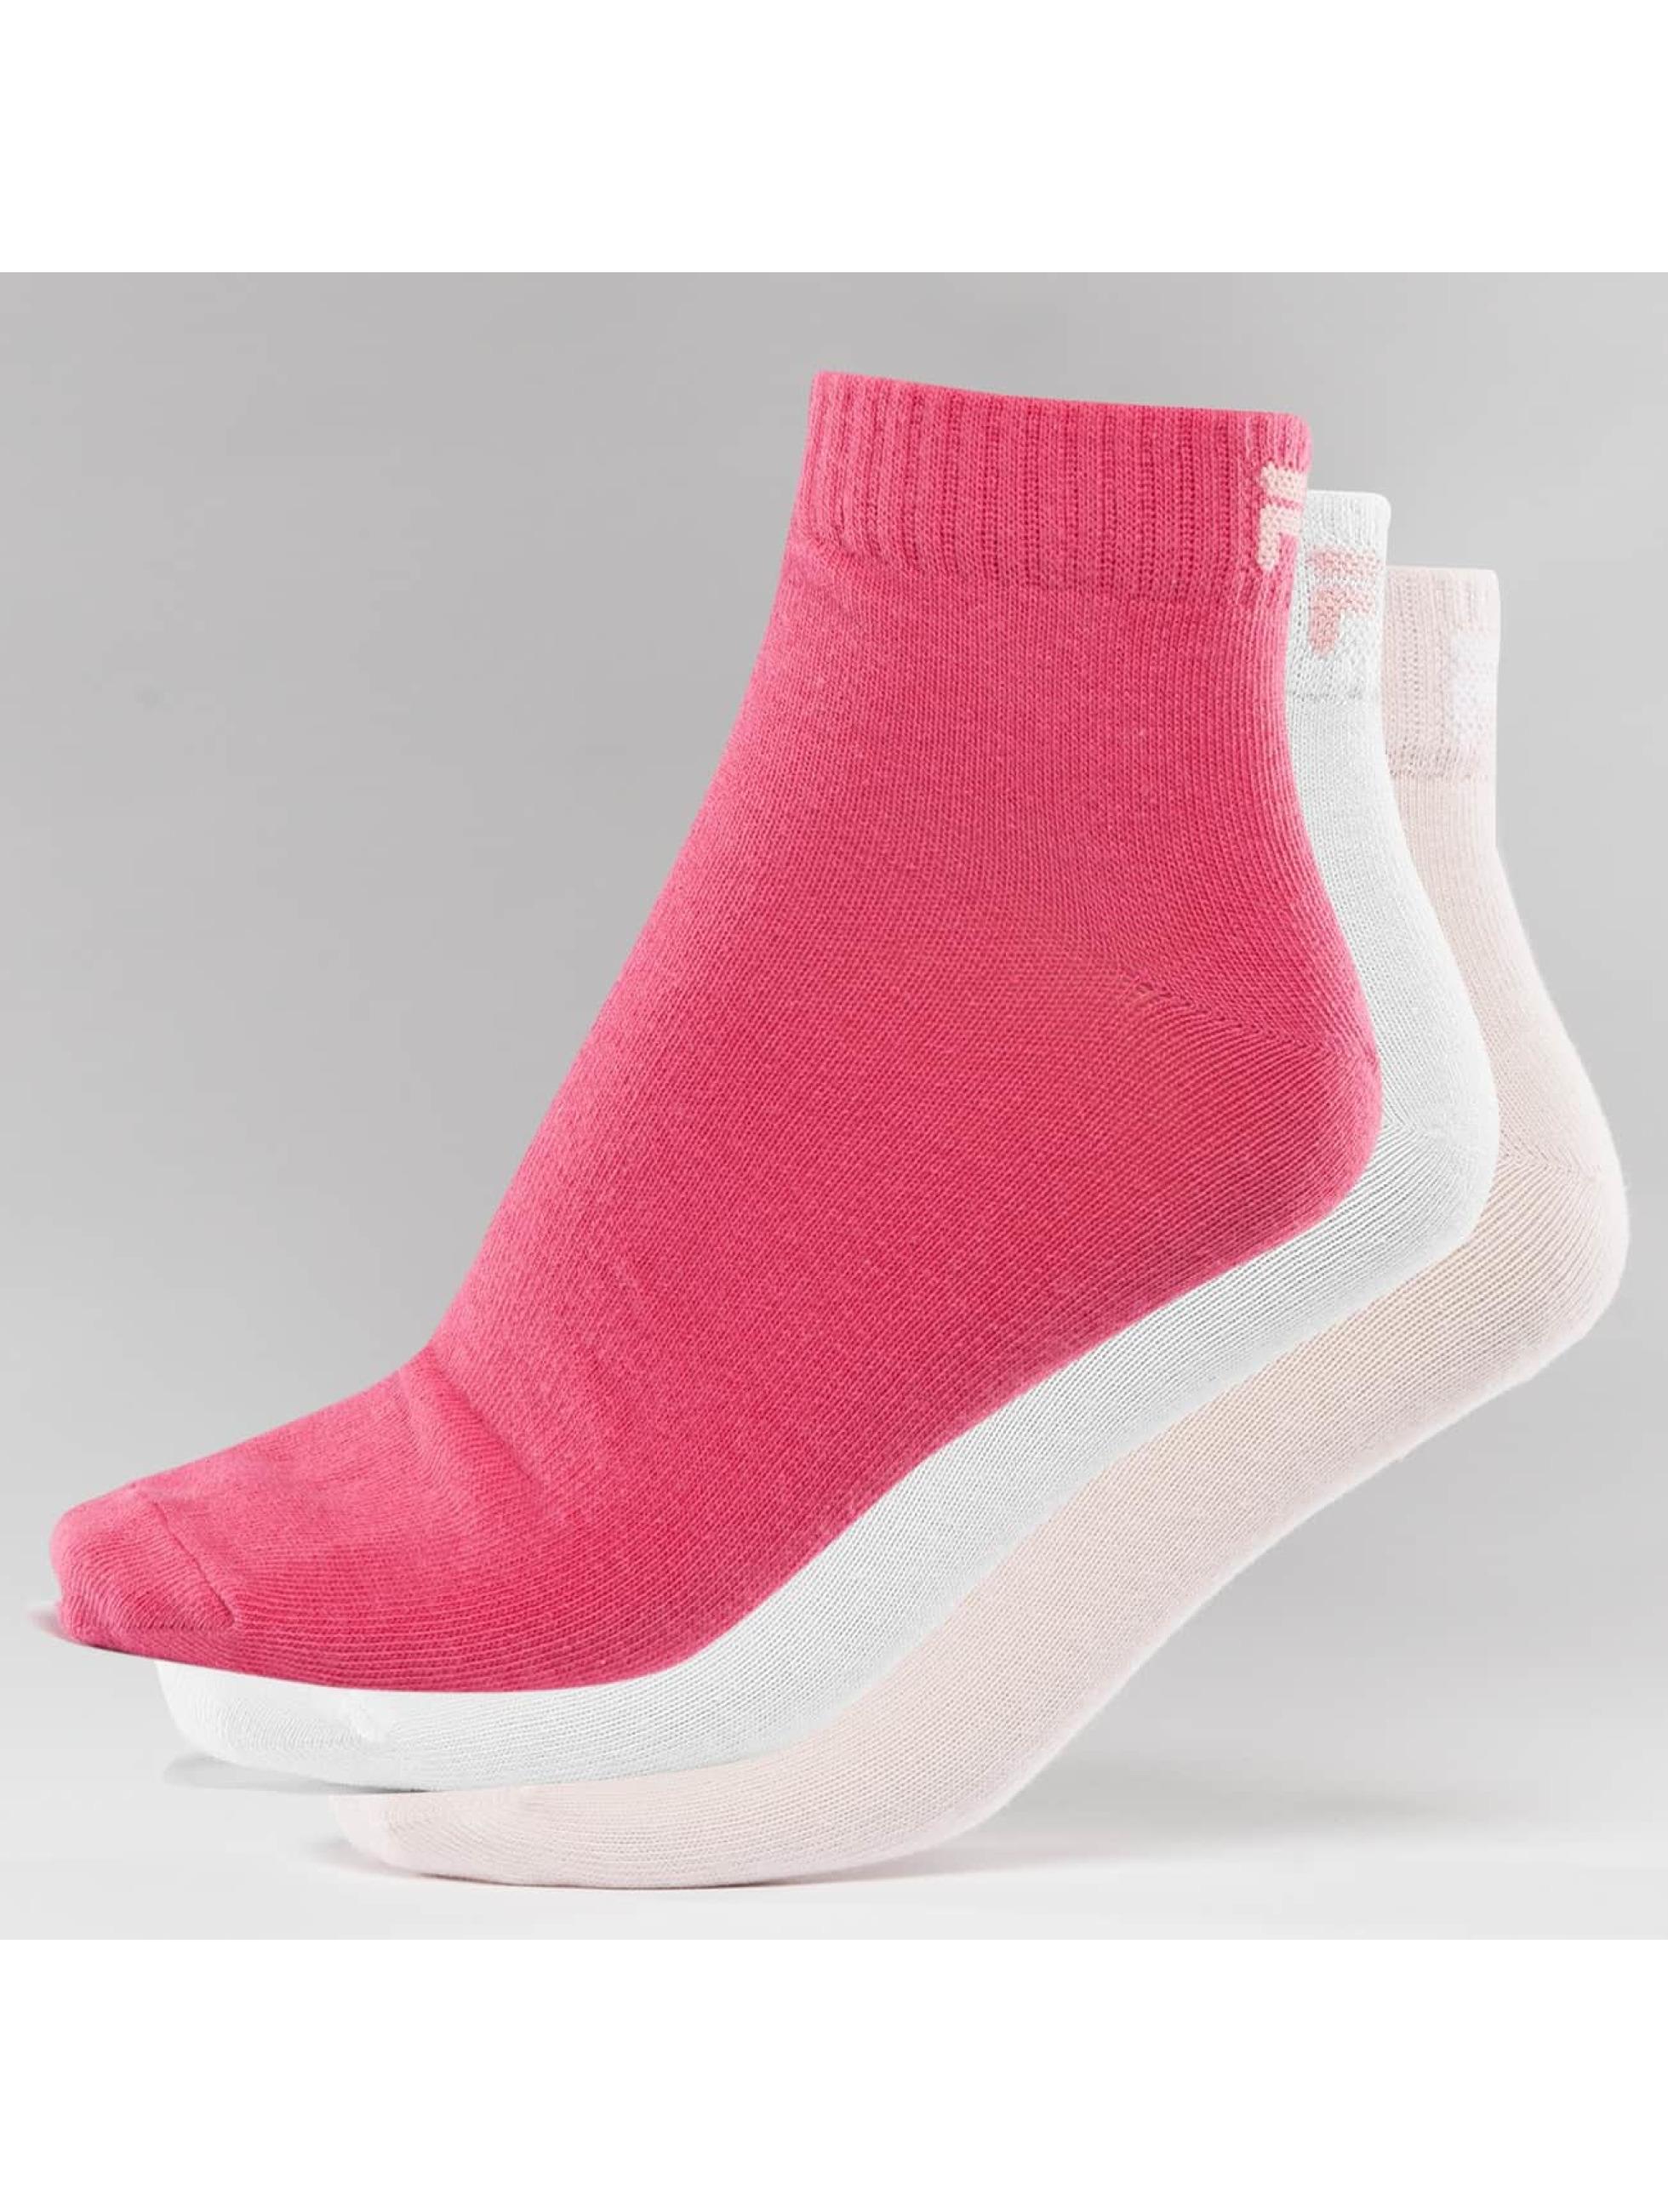 FILA Ponožky 3-Pack růžový